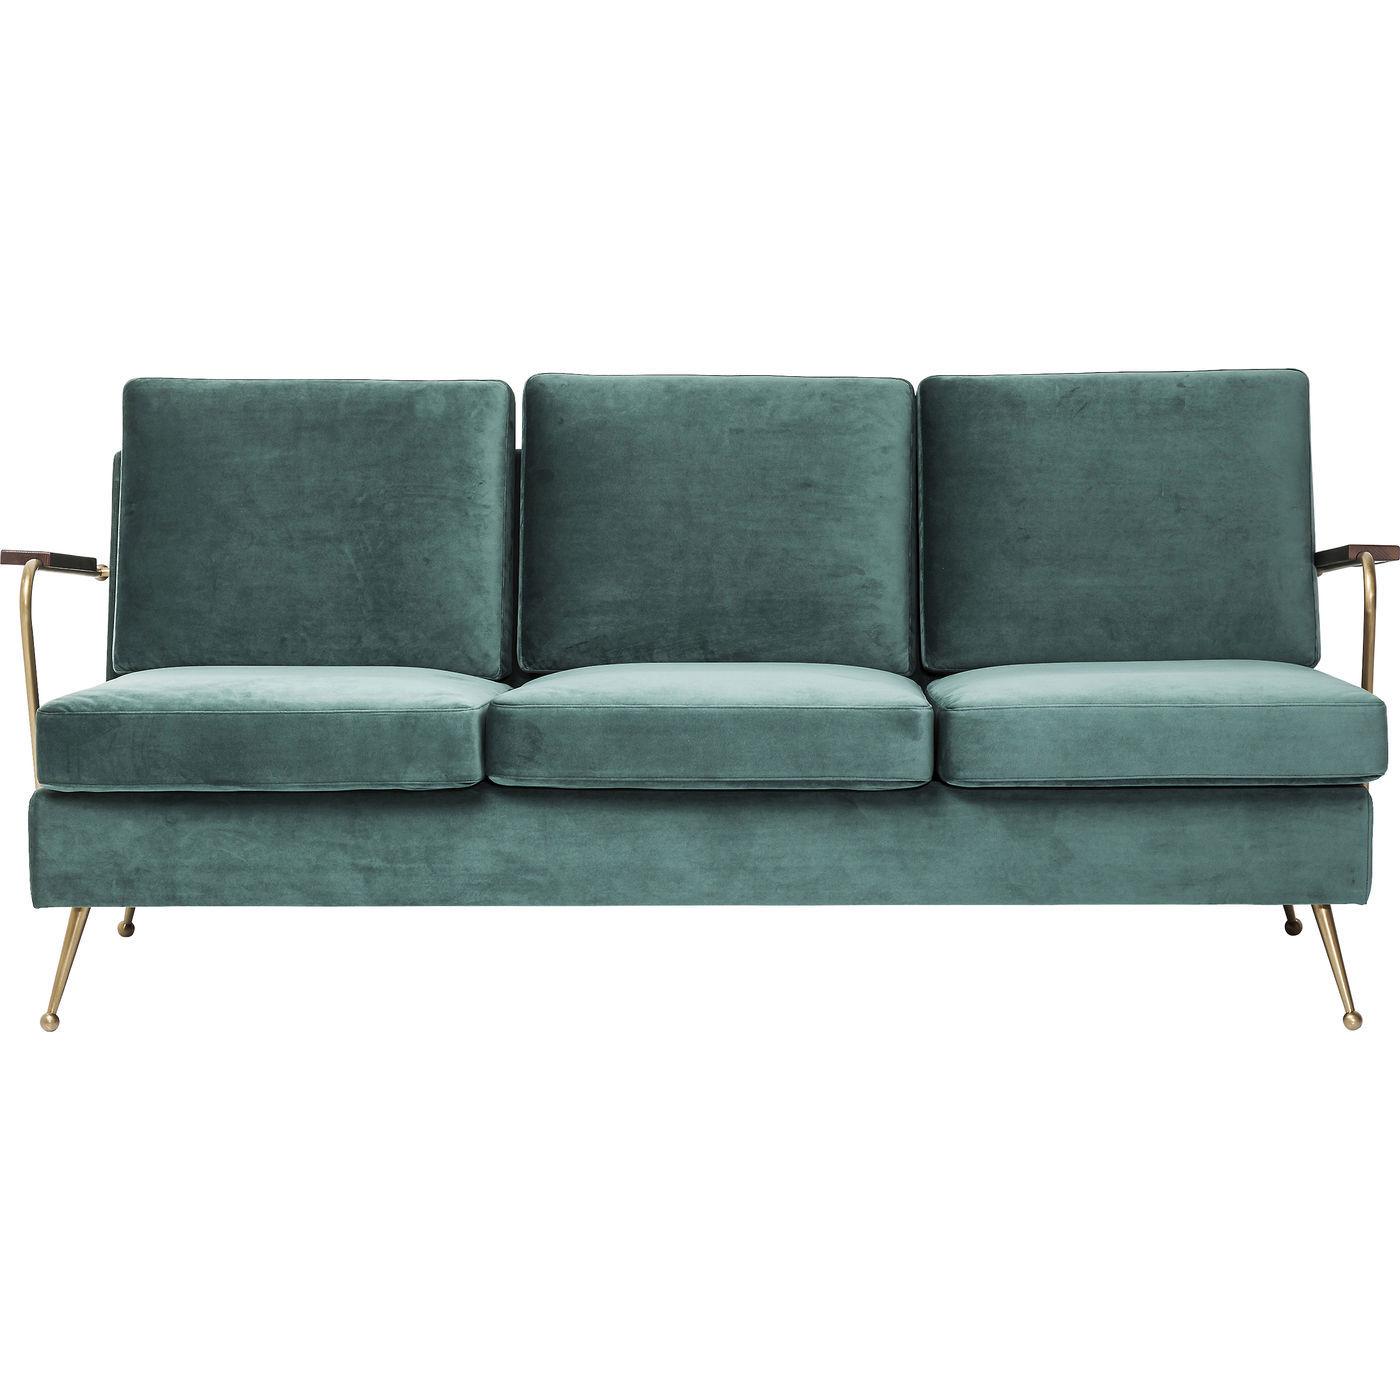 KARE DESIGN Gamble 3 pers. Sofa